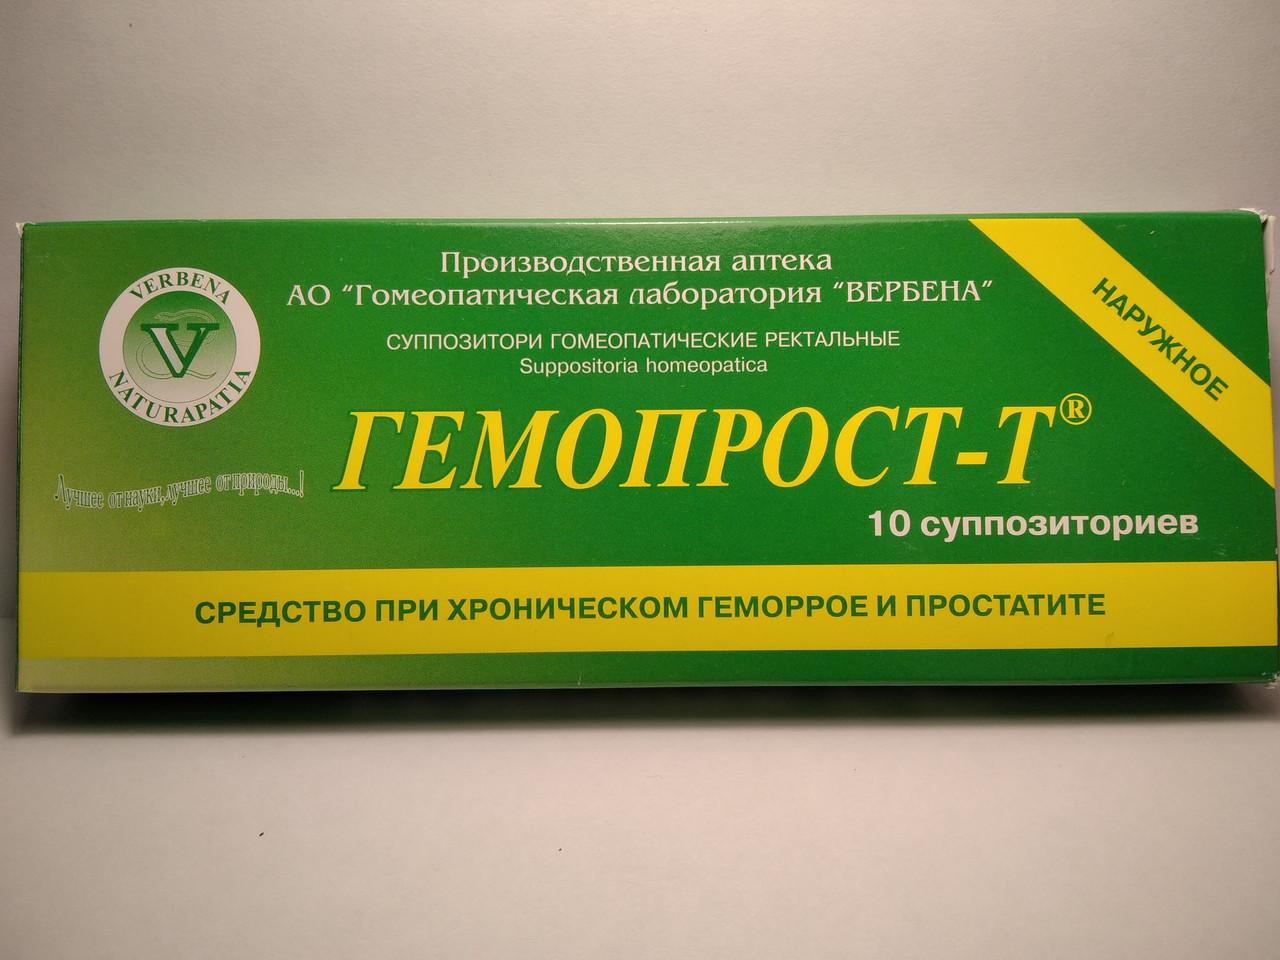 Свечи от простатита и геморроя Гемопрост-Т 10 шт Вербена